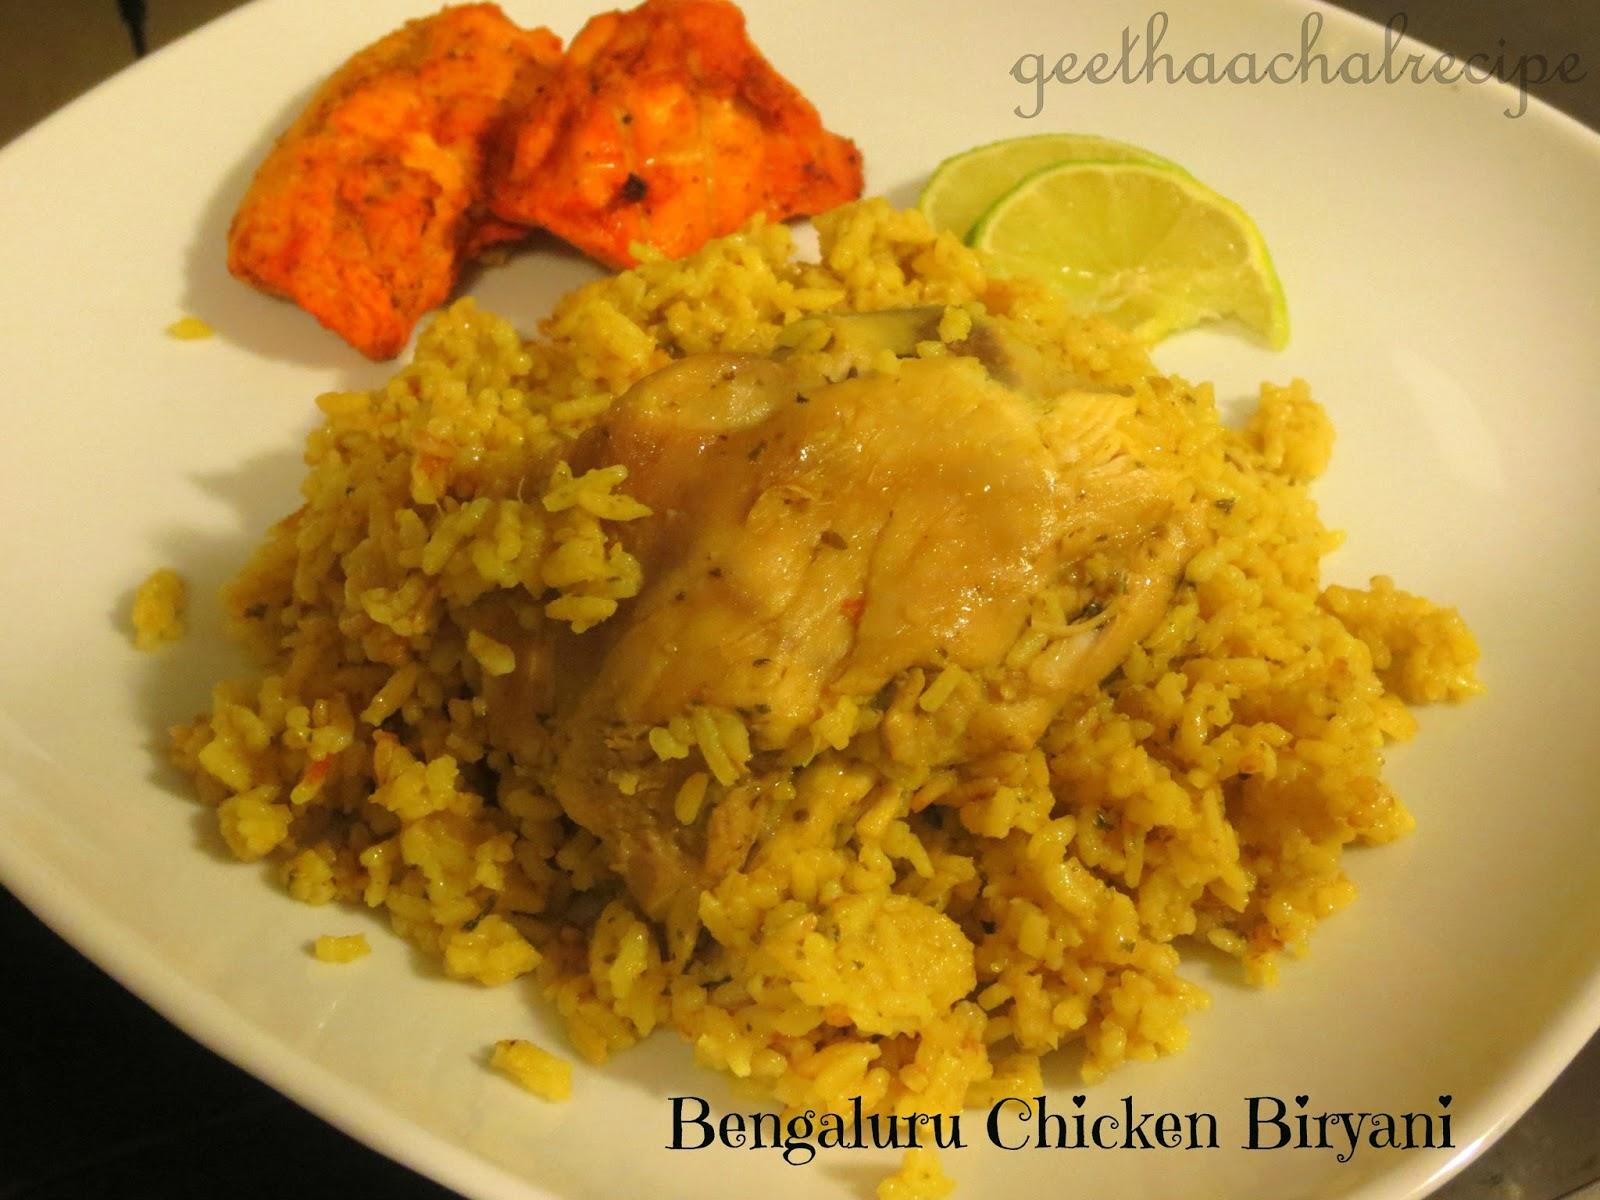 Bengaluru Biryani